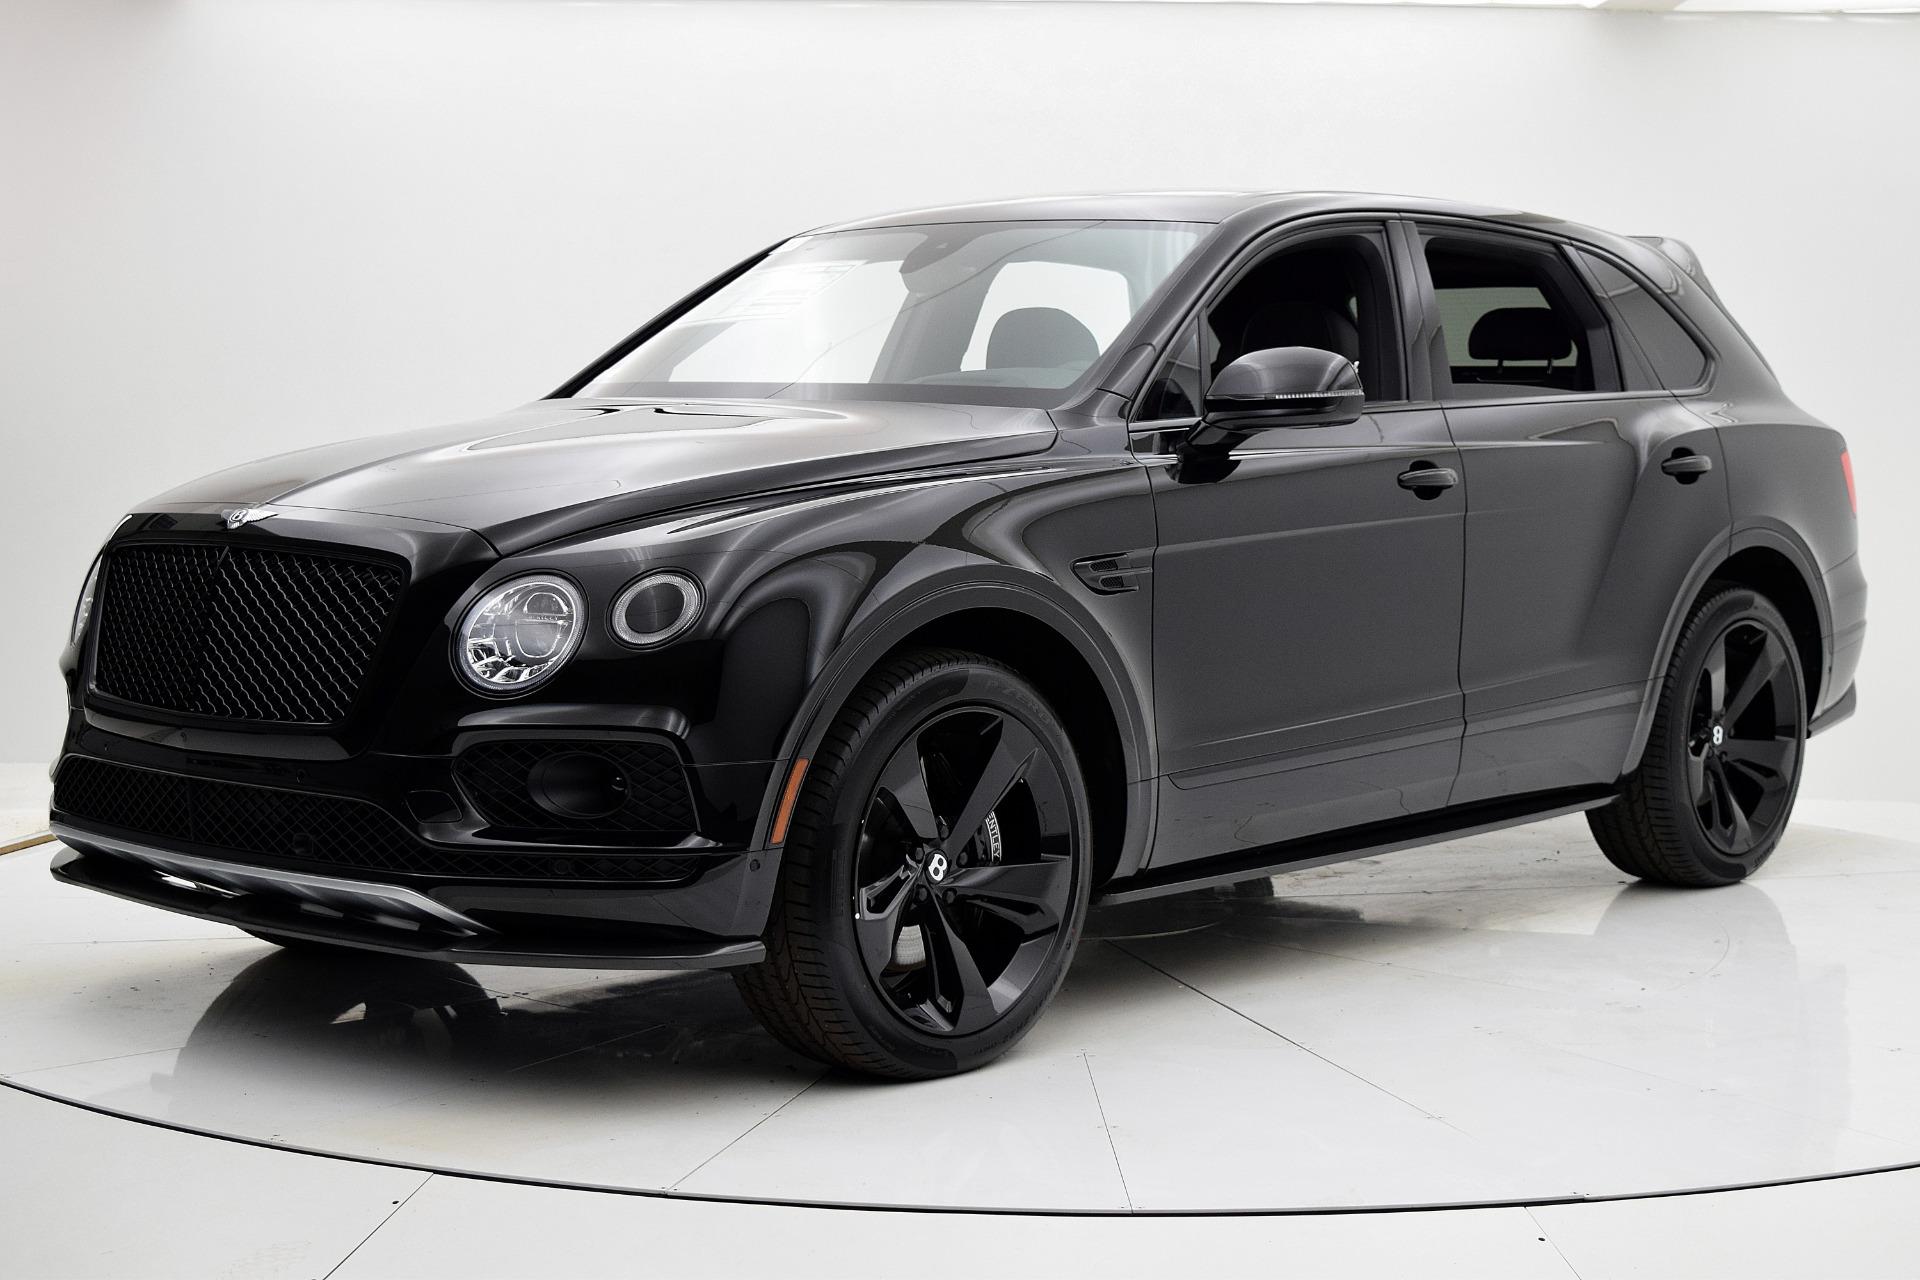 Bentley Bentayga Black Edition 2018 Avalanche